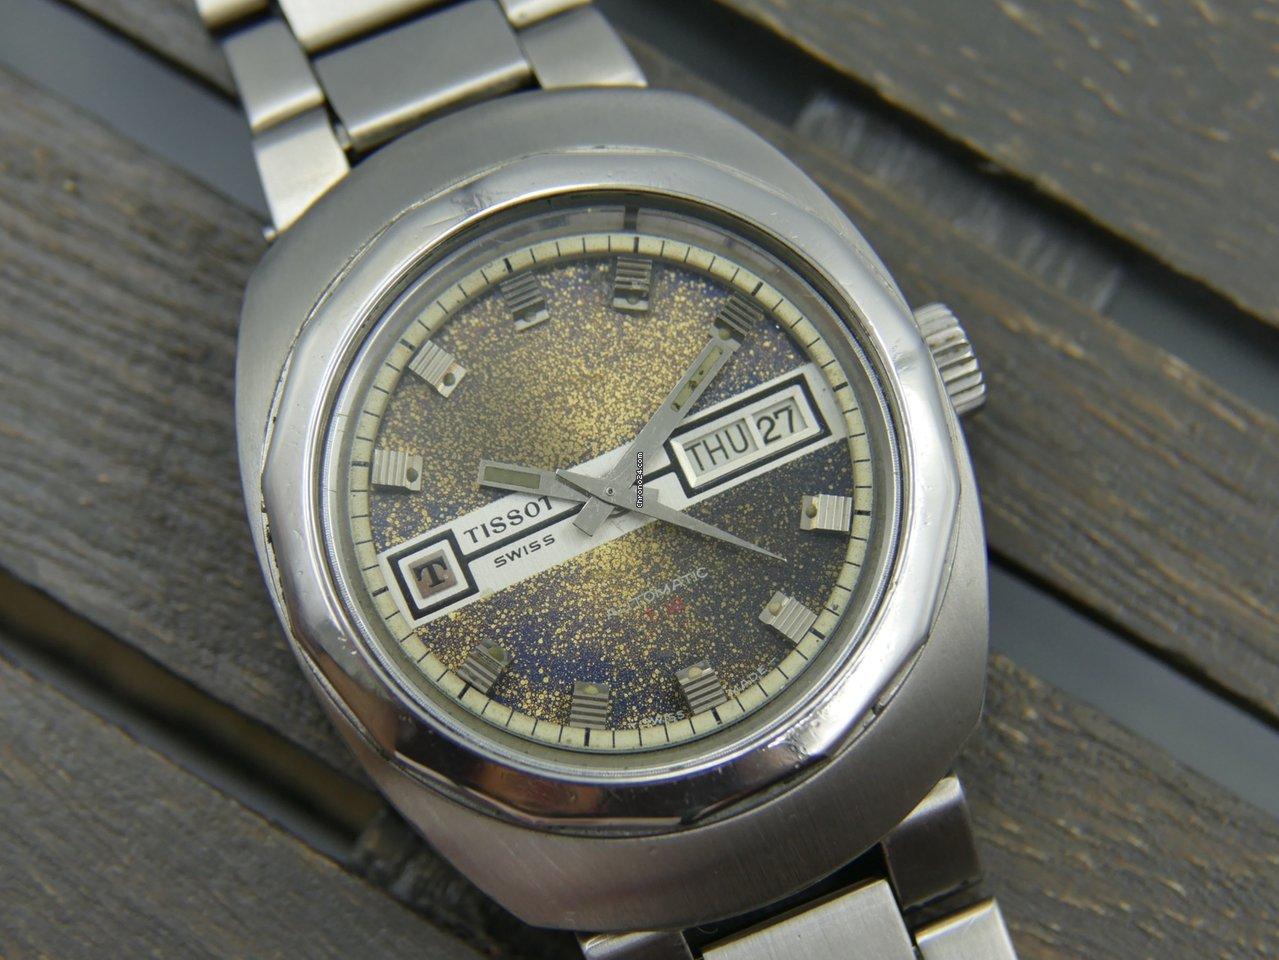 f9a917a1bbc Relógios Tissot usados - Compare os preços de relógios Tissot usados